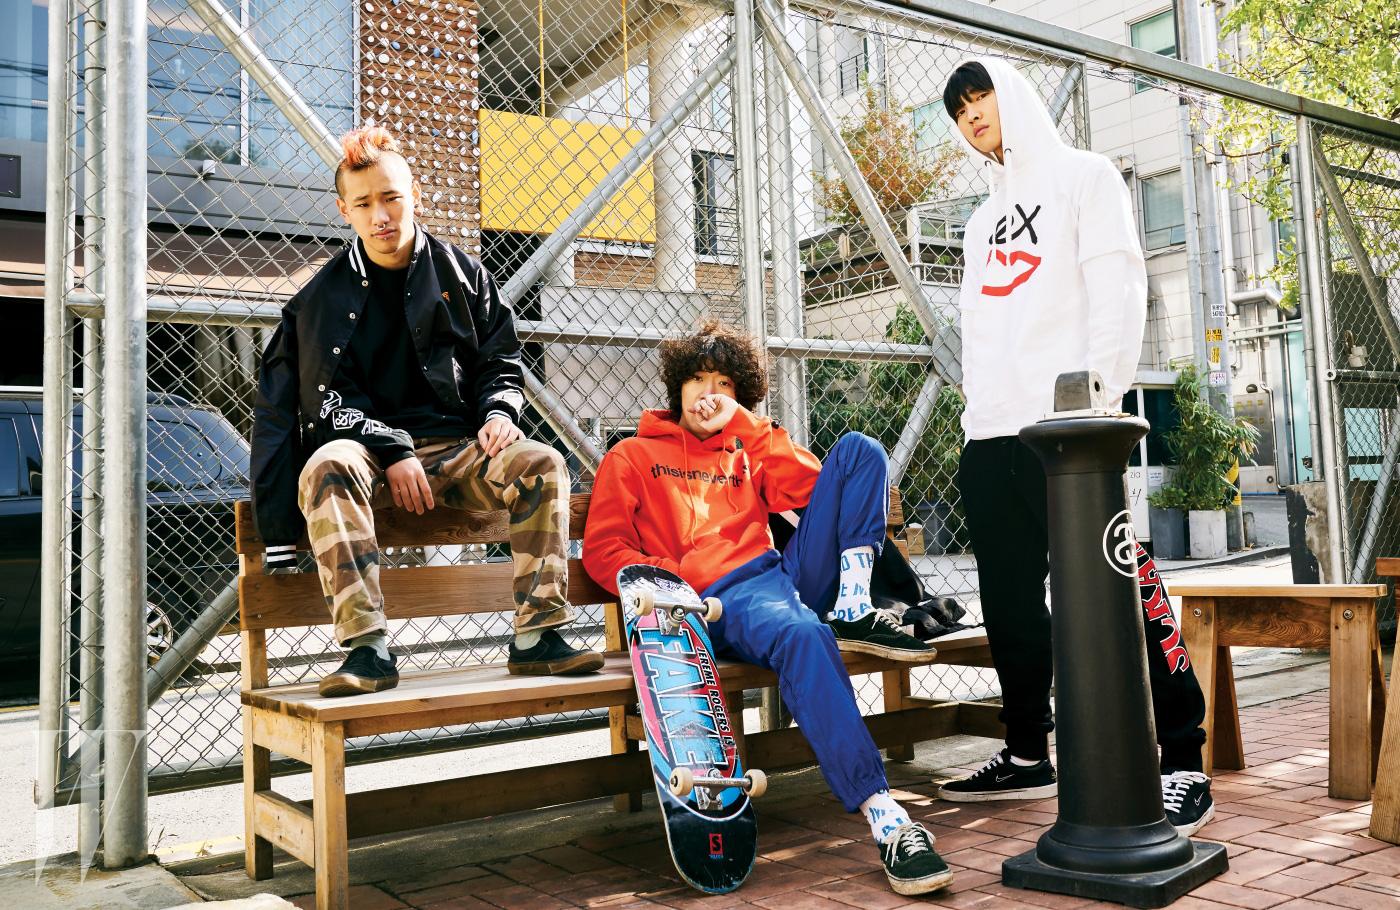 (왼쪽부터) 맹민호가 입은 야구점퍼는 피자 스케이트보드 by 하이드앤래이드, 긴소매 티셔츠는 미스치프×페니스콜라다 제품. 이재민이 입은 후드와 팬츠는 디스이즈네버댓 제품. 전준영이 입은 후드와 반소매 티셔츠는 섹스 스케이트보드, 팬츠는 블랙아이패치 by 웍스아웃 제품.